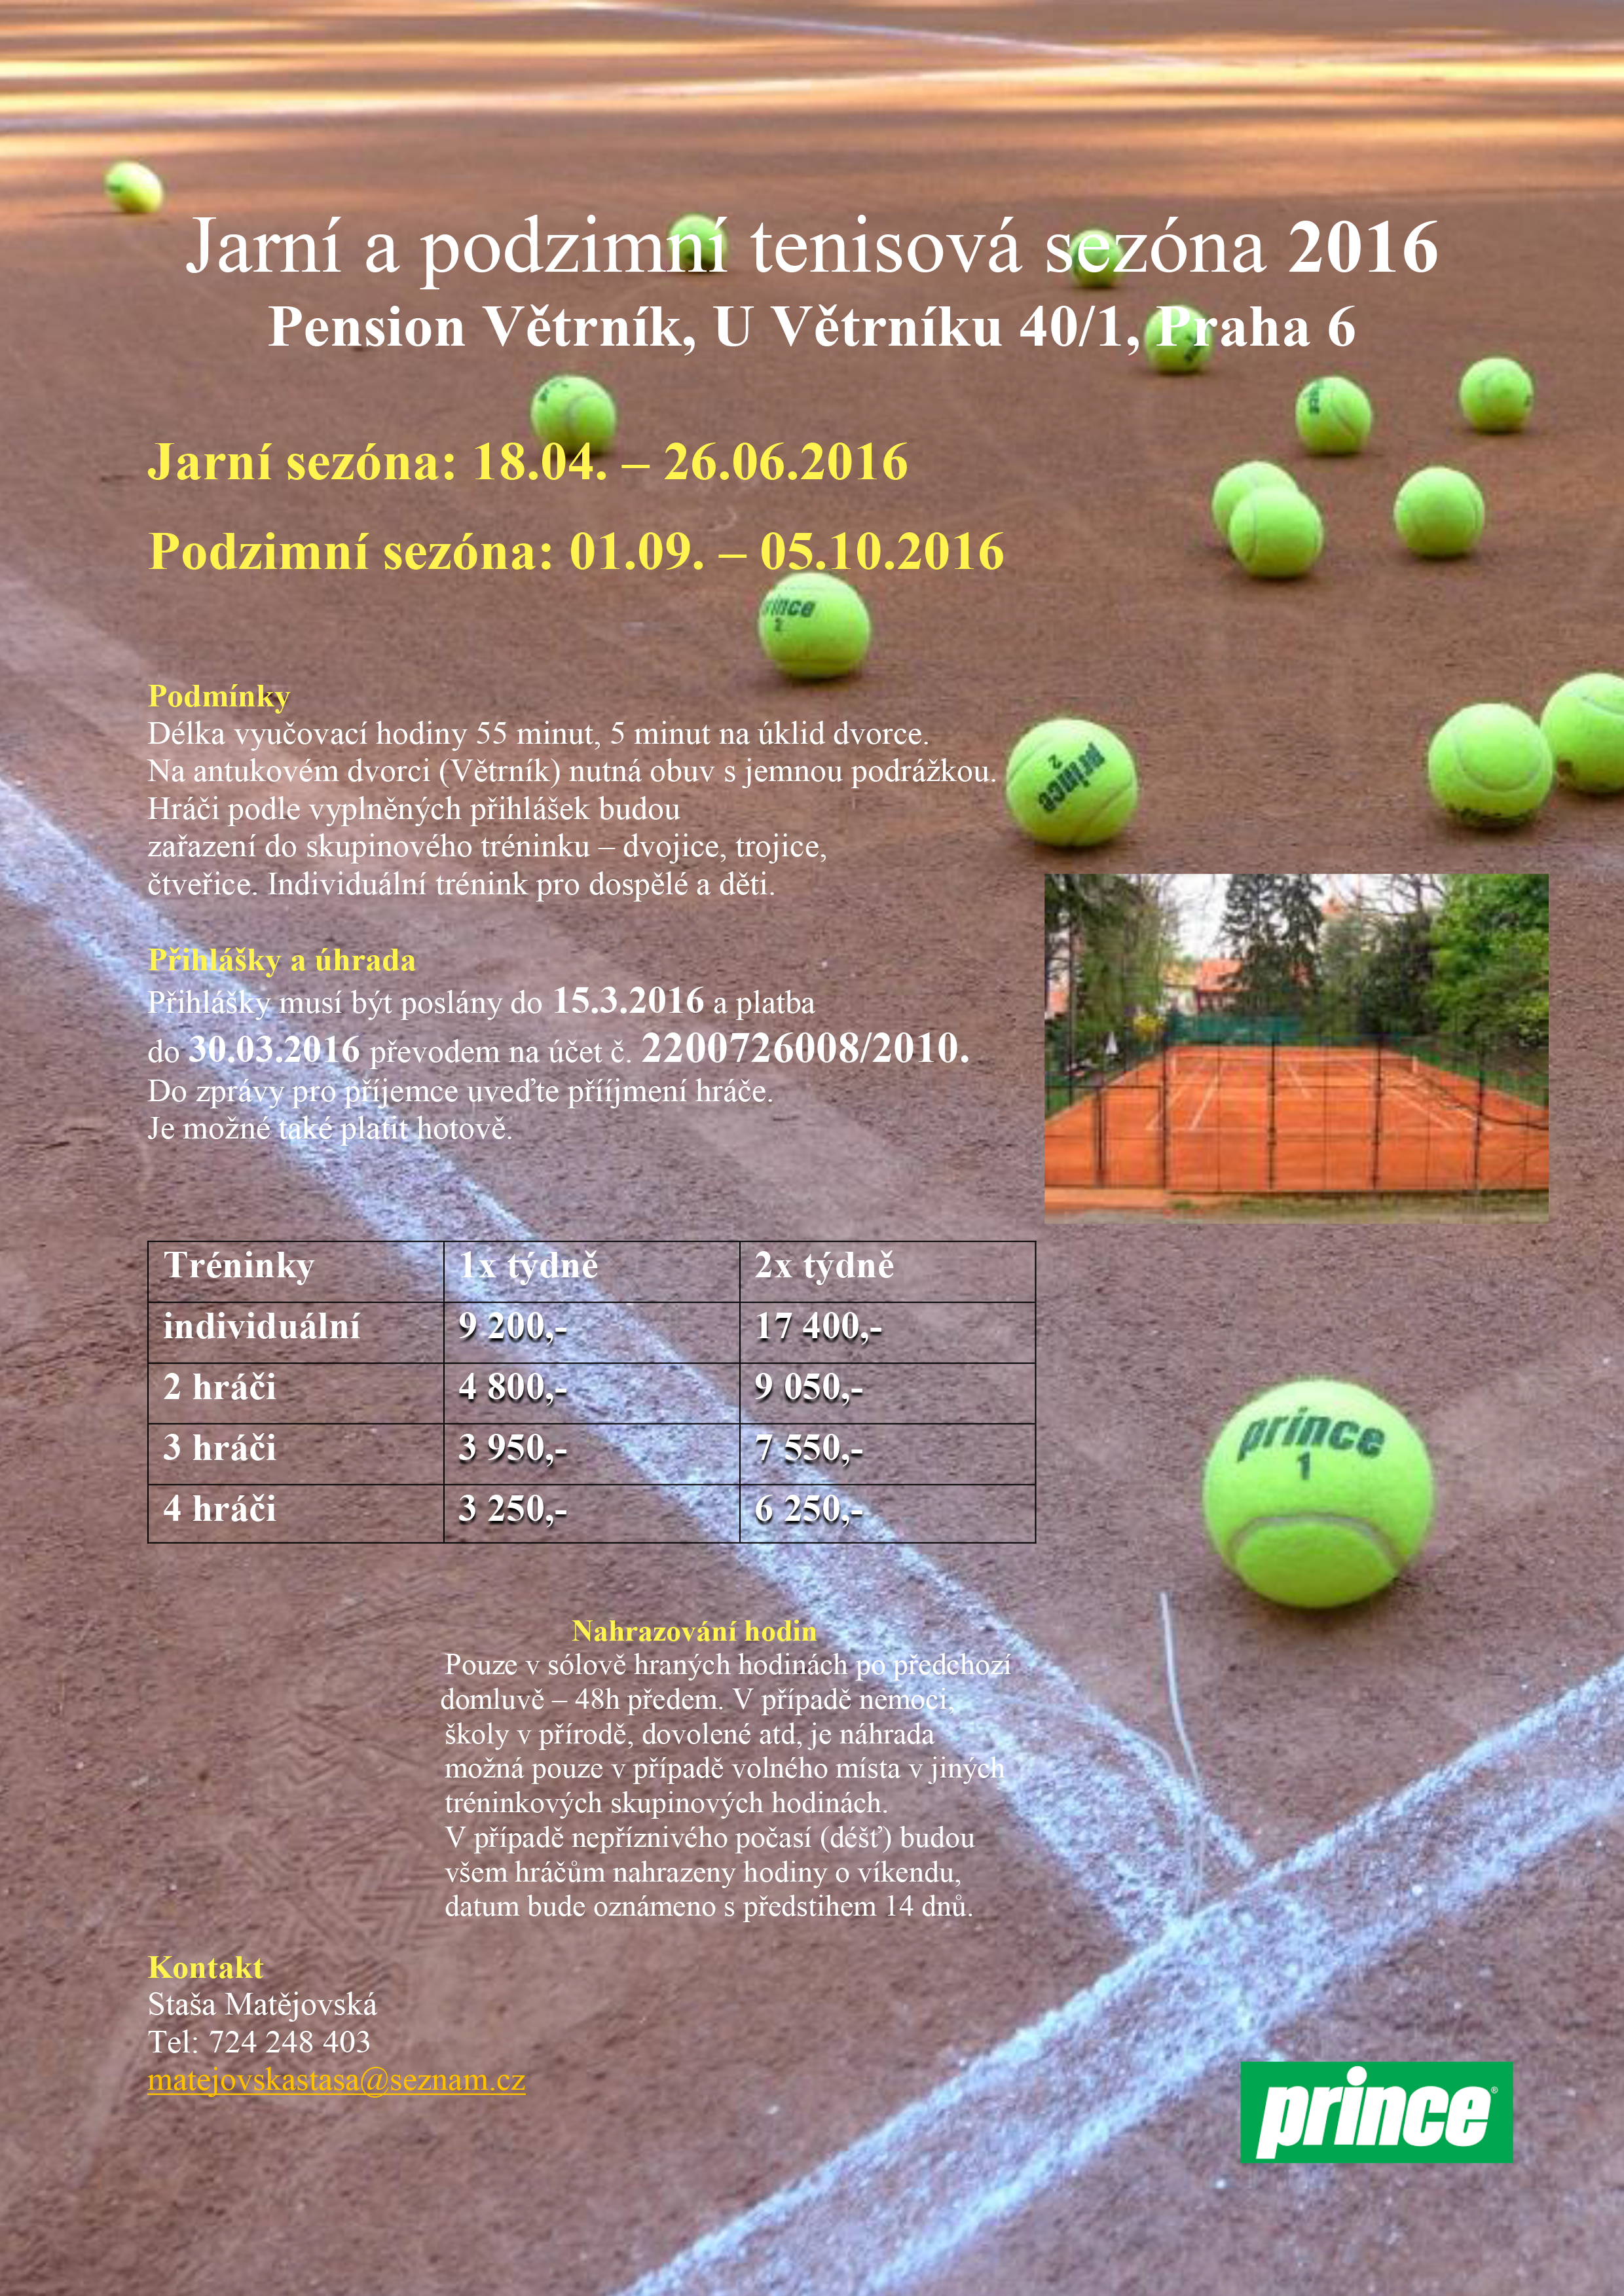 2016 Větrník Jarní a podzimní tenisová sezóna leták